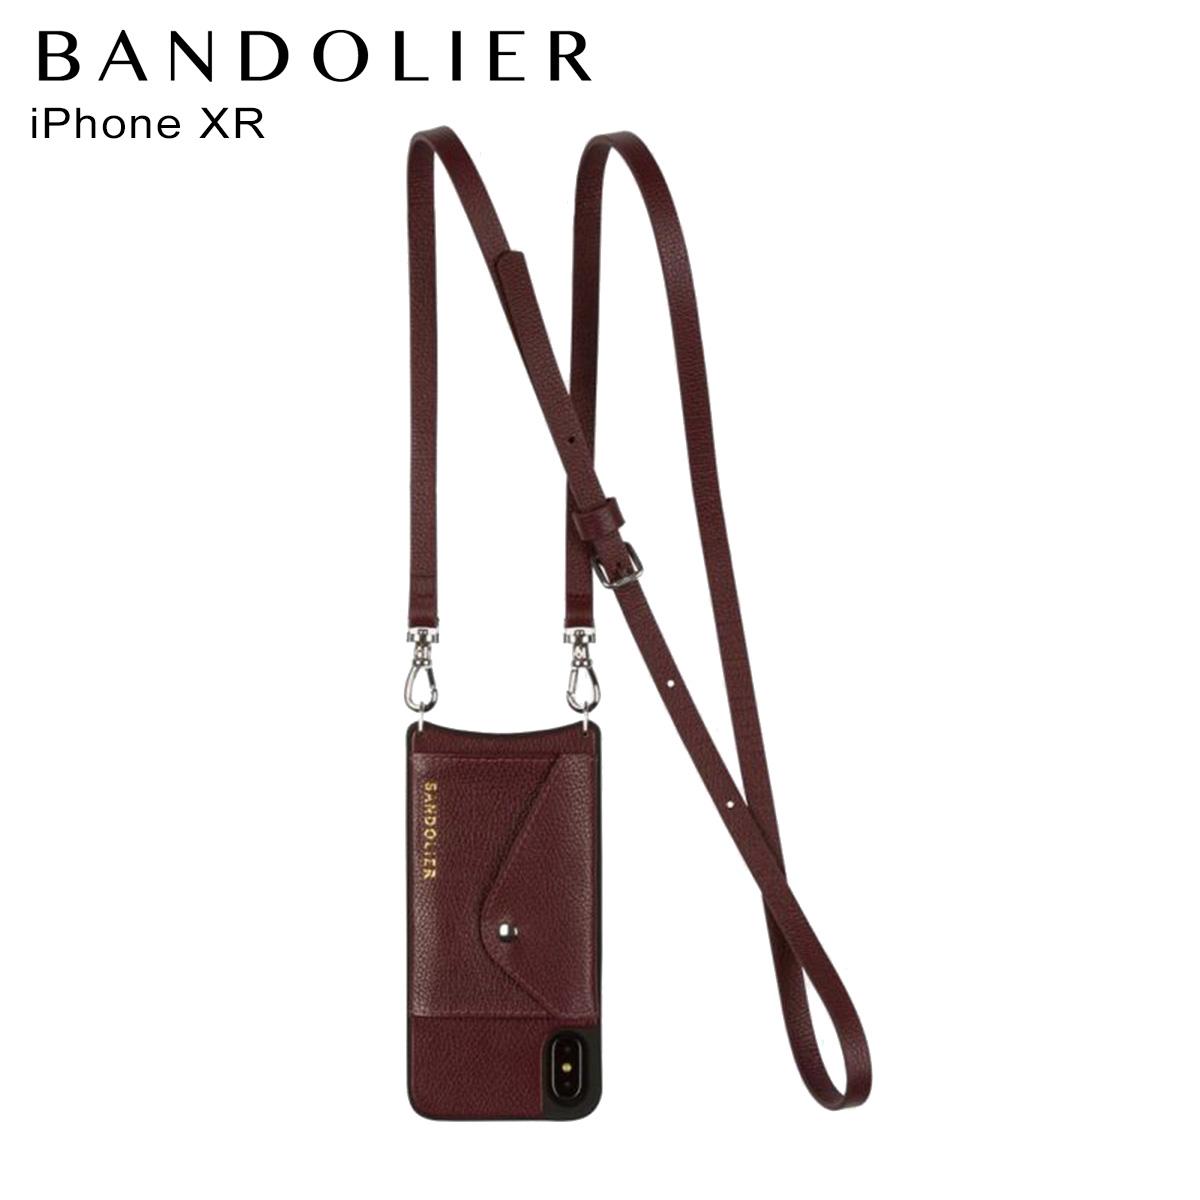 バンドリヤー BANDOLIER iPhone XR ケース スマホ 携帯 レディース DONNA SIDE SLOT WINE ワイン 14don